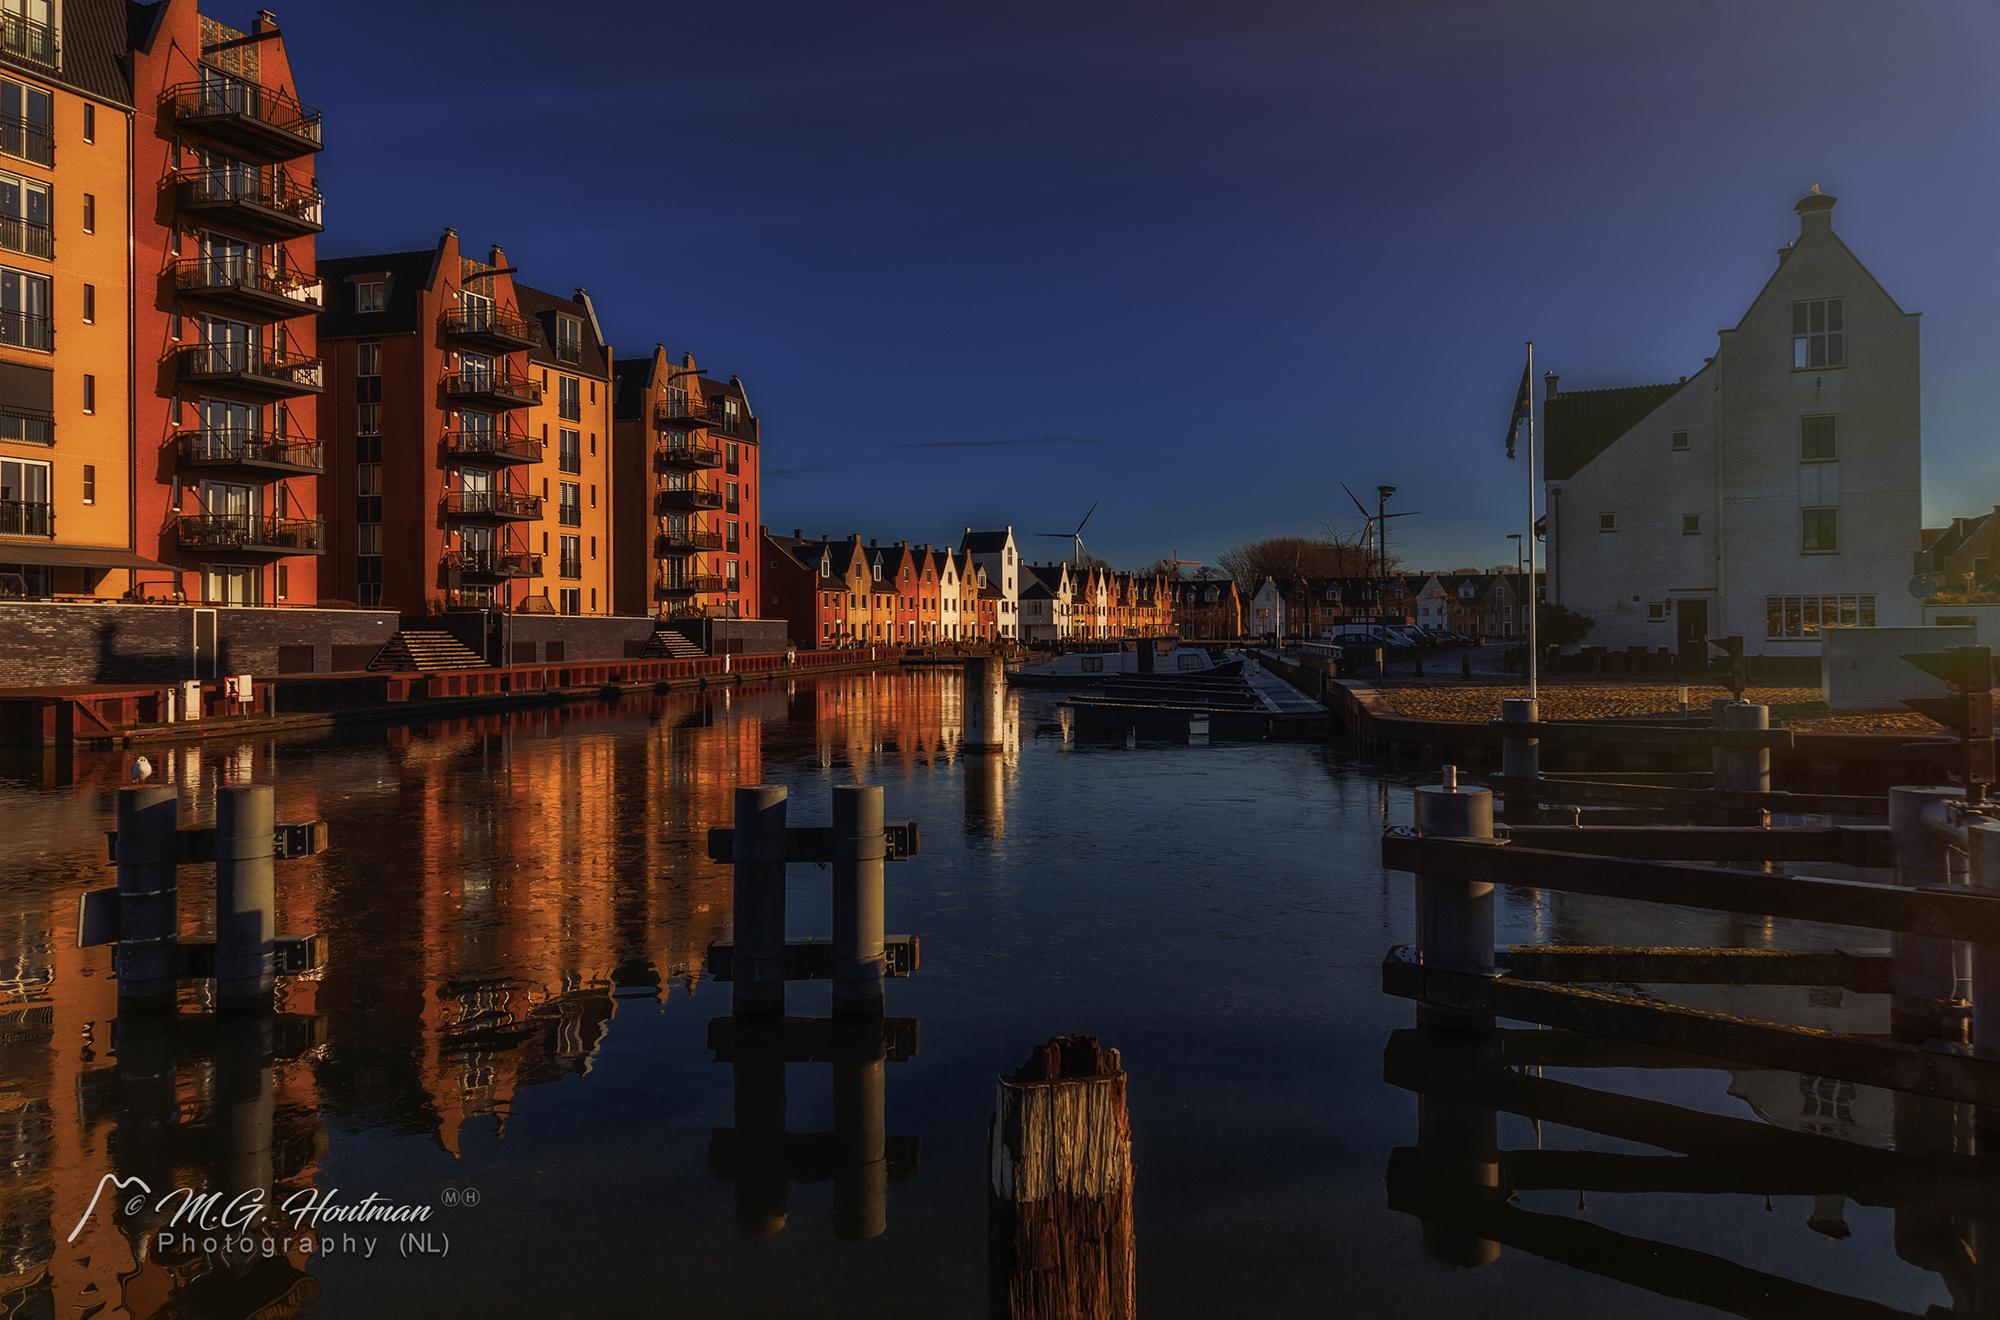 Passantenhaven - Vreeswijk (NL)